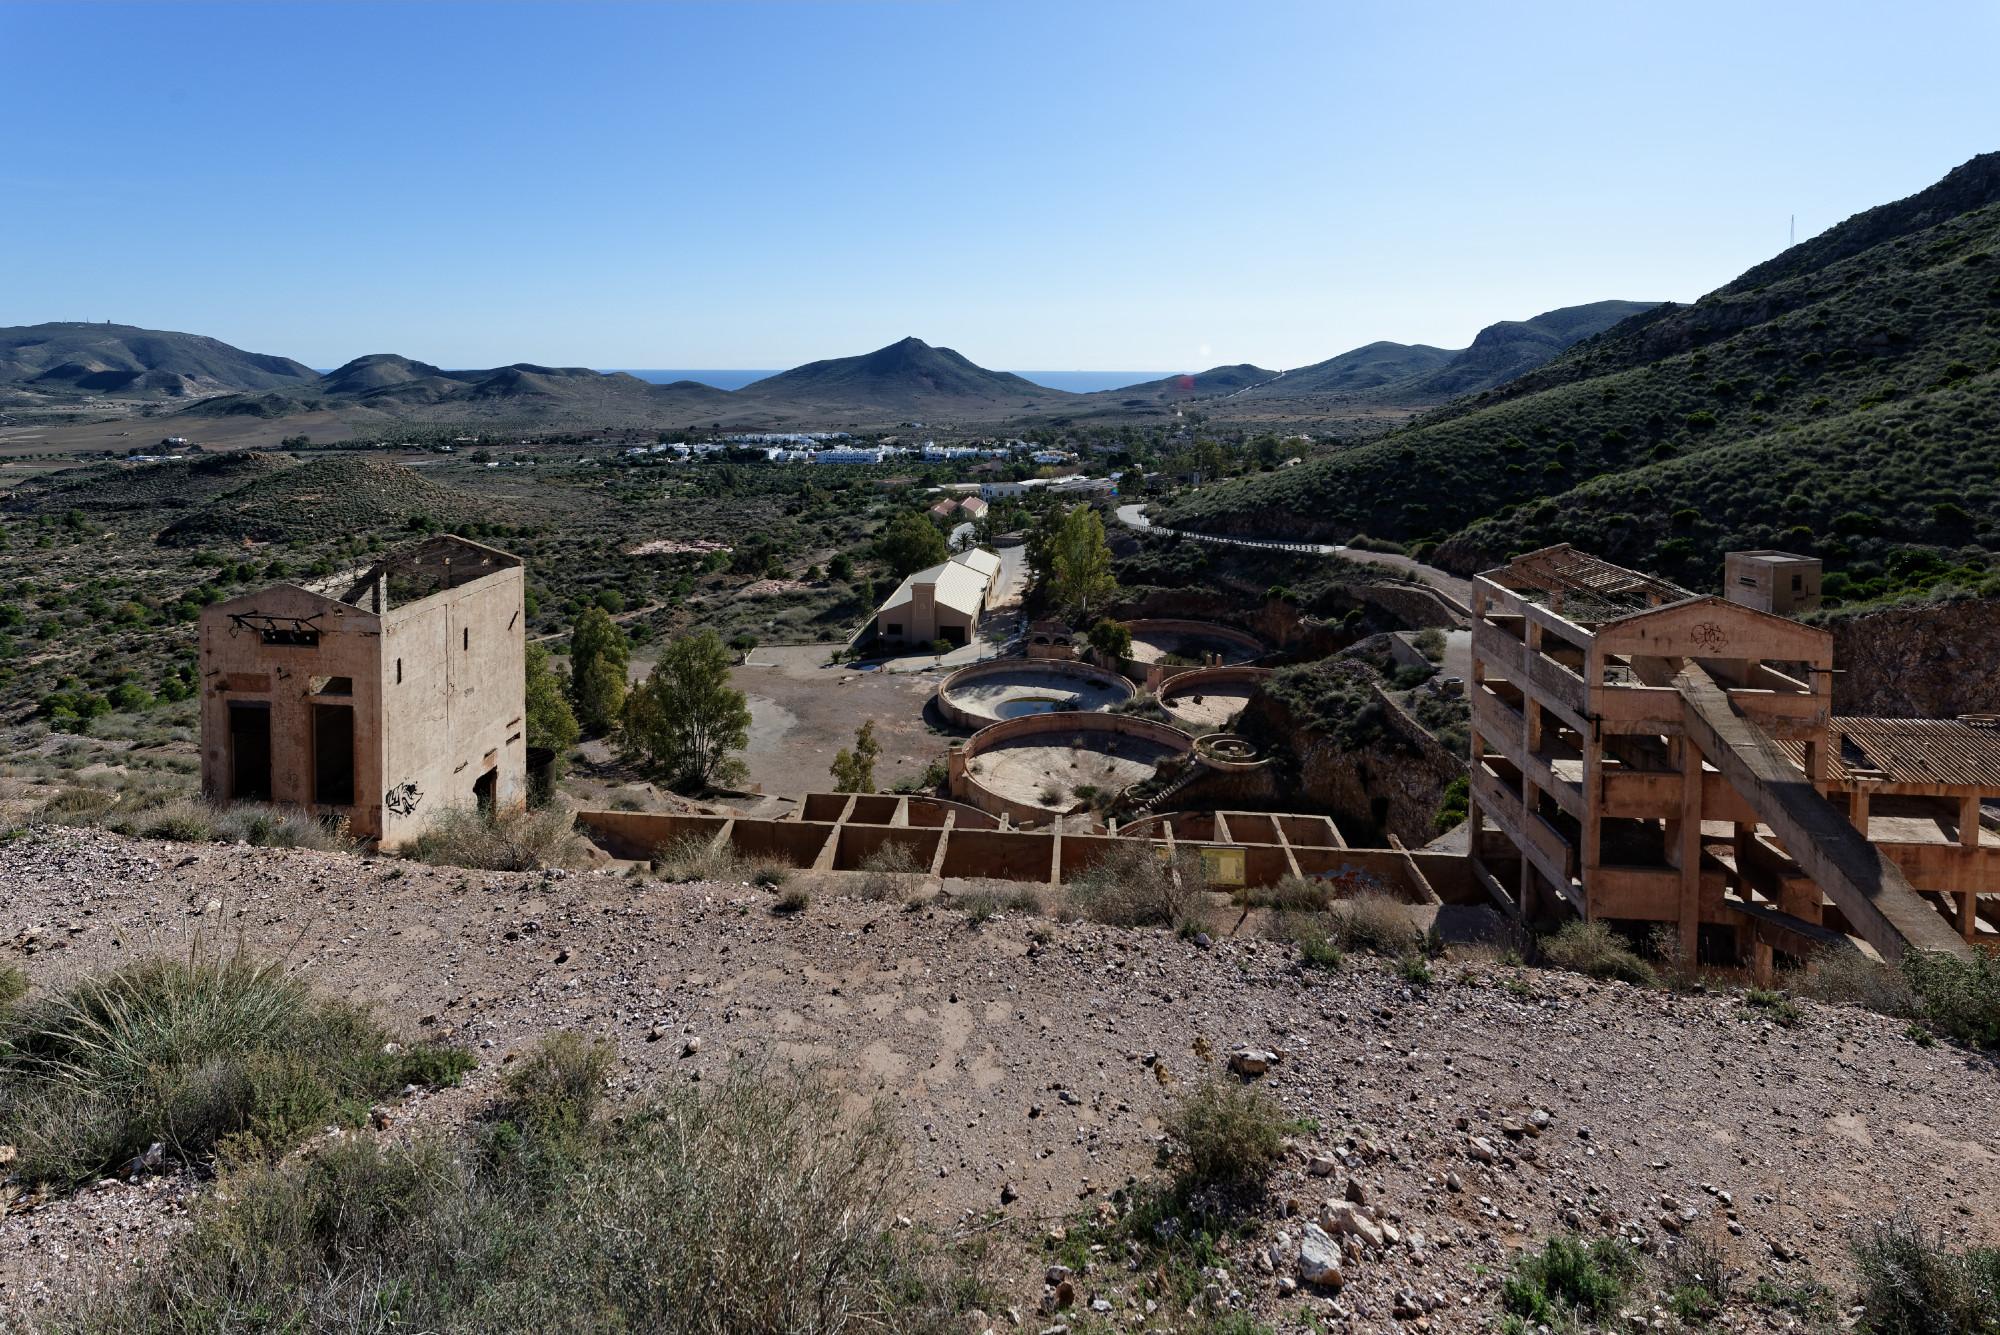 171218-Piste Rodalquilar vers Cortijo del Fraile (Cabo de Gata-Andalousie) (85)